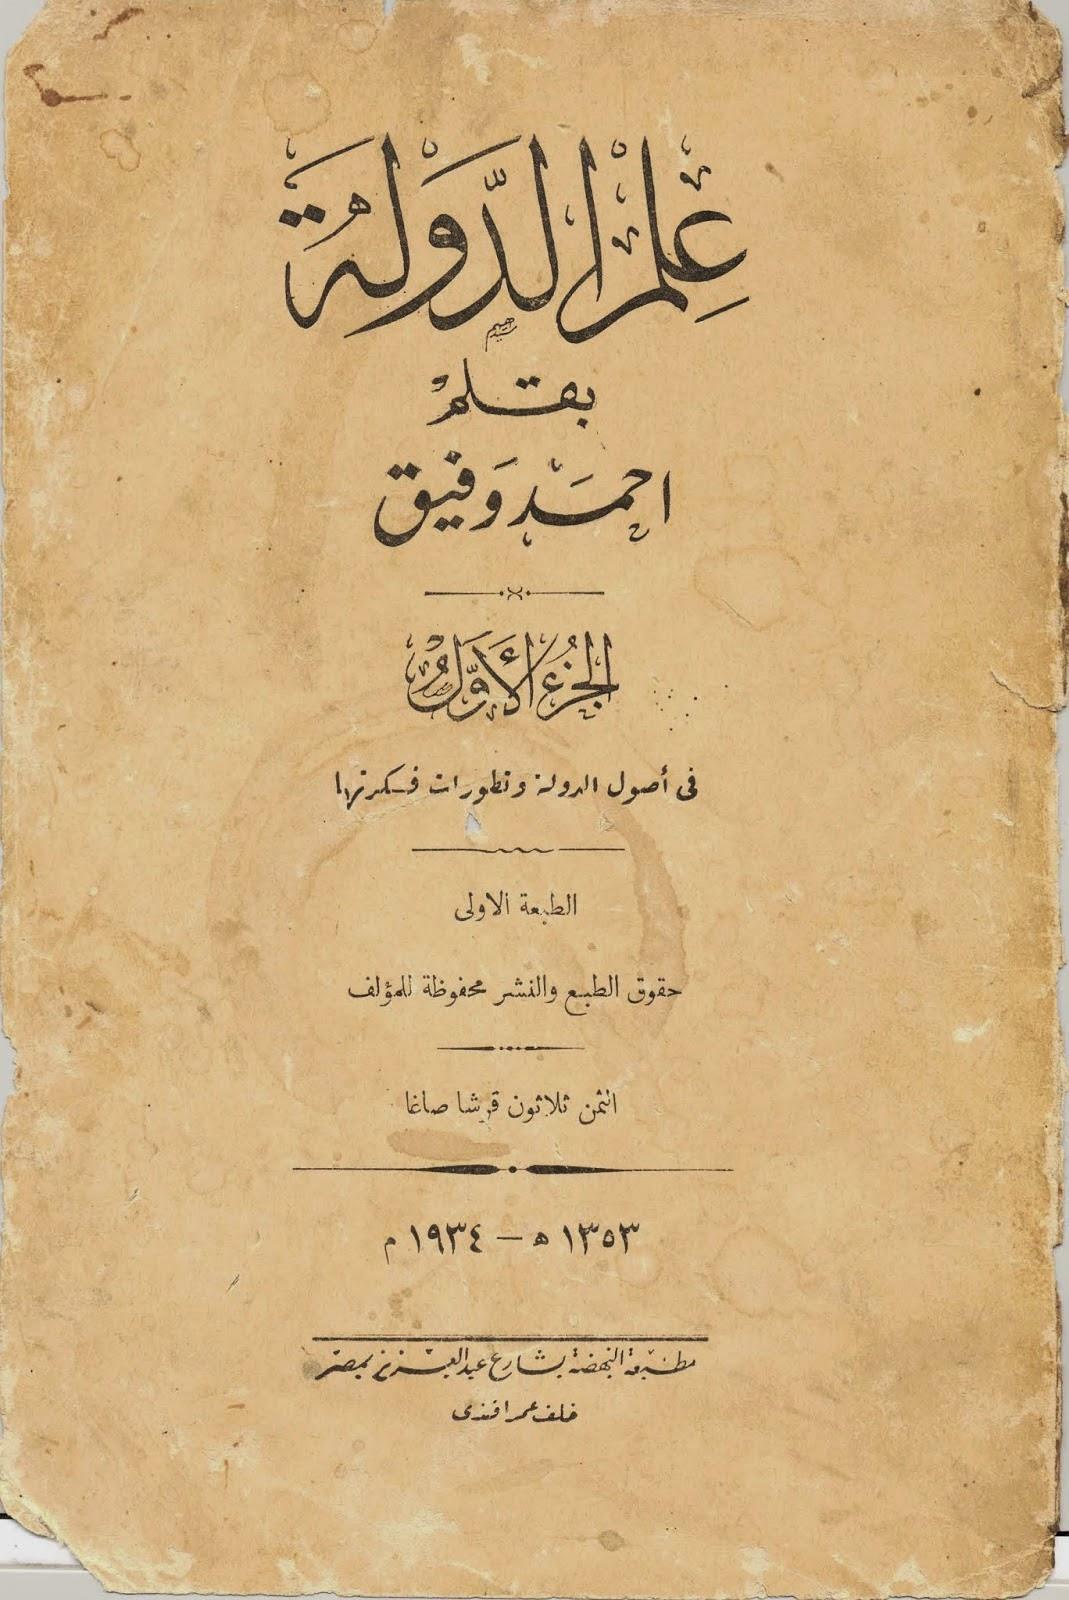 كتاب علم الدولة - أحمد وفيق pdf